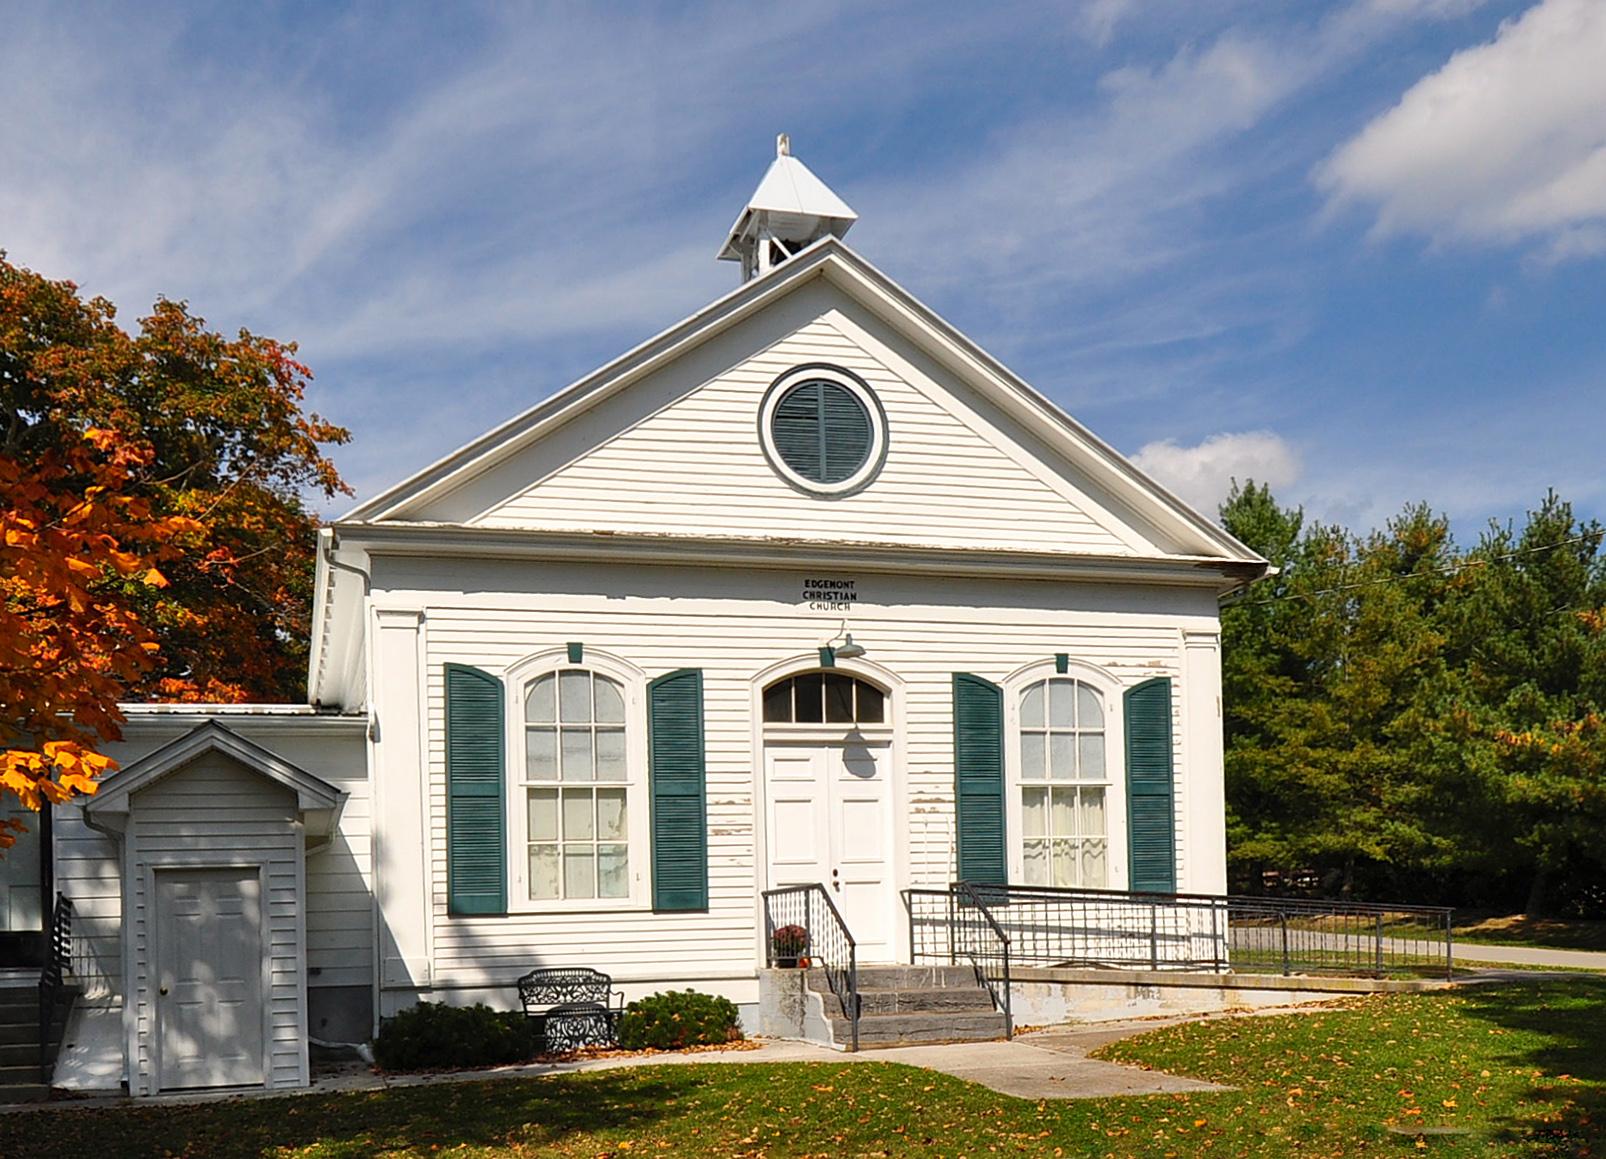 Edgemont Church